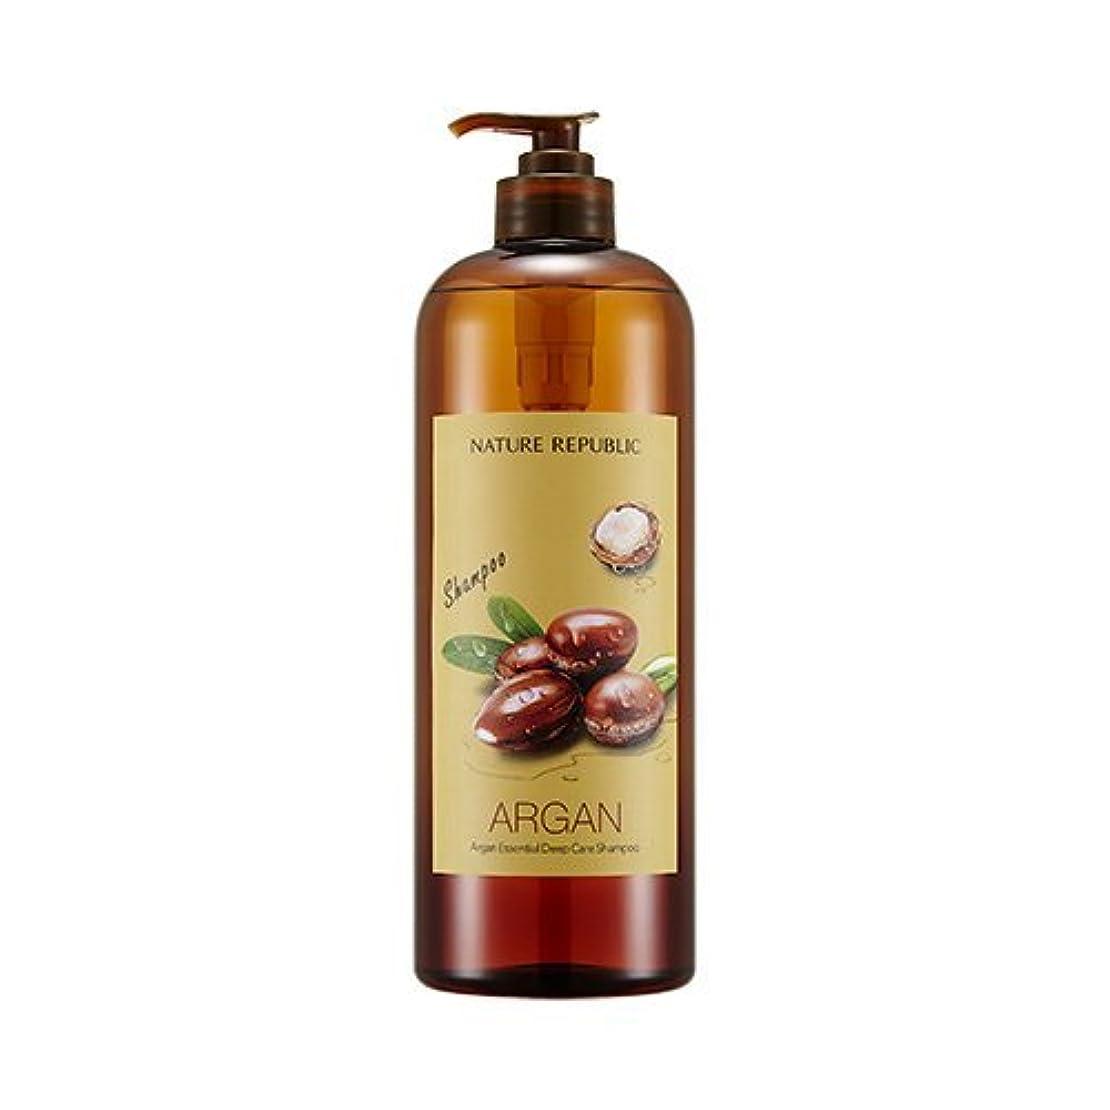 インストール吸収剤することになっているNATURE REPUBLIC Argan Essential Deep Care Shampoo 1000? ネイチャーリパブリック アルガンエッセンシャルディープケアシャンプー(大容量) [並行輸入品]